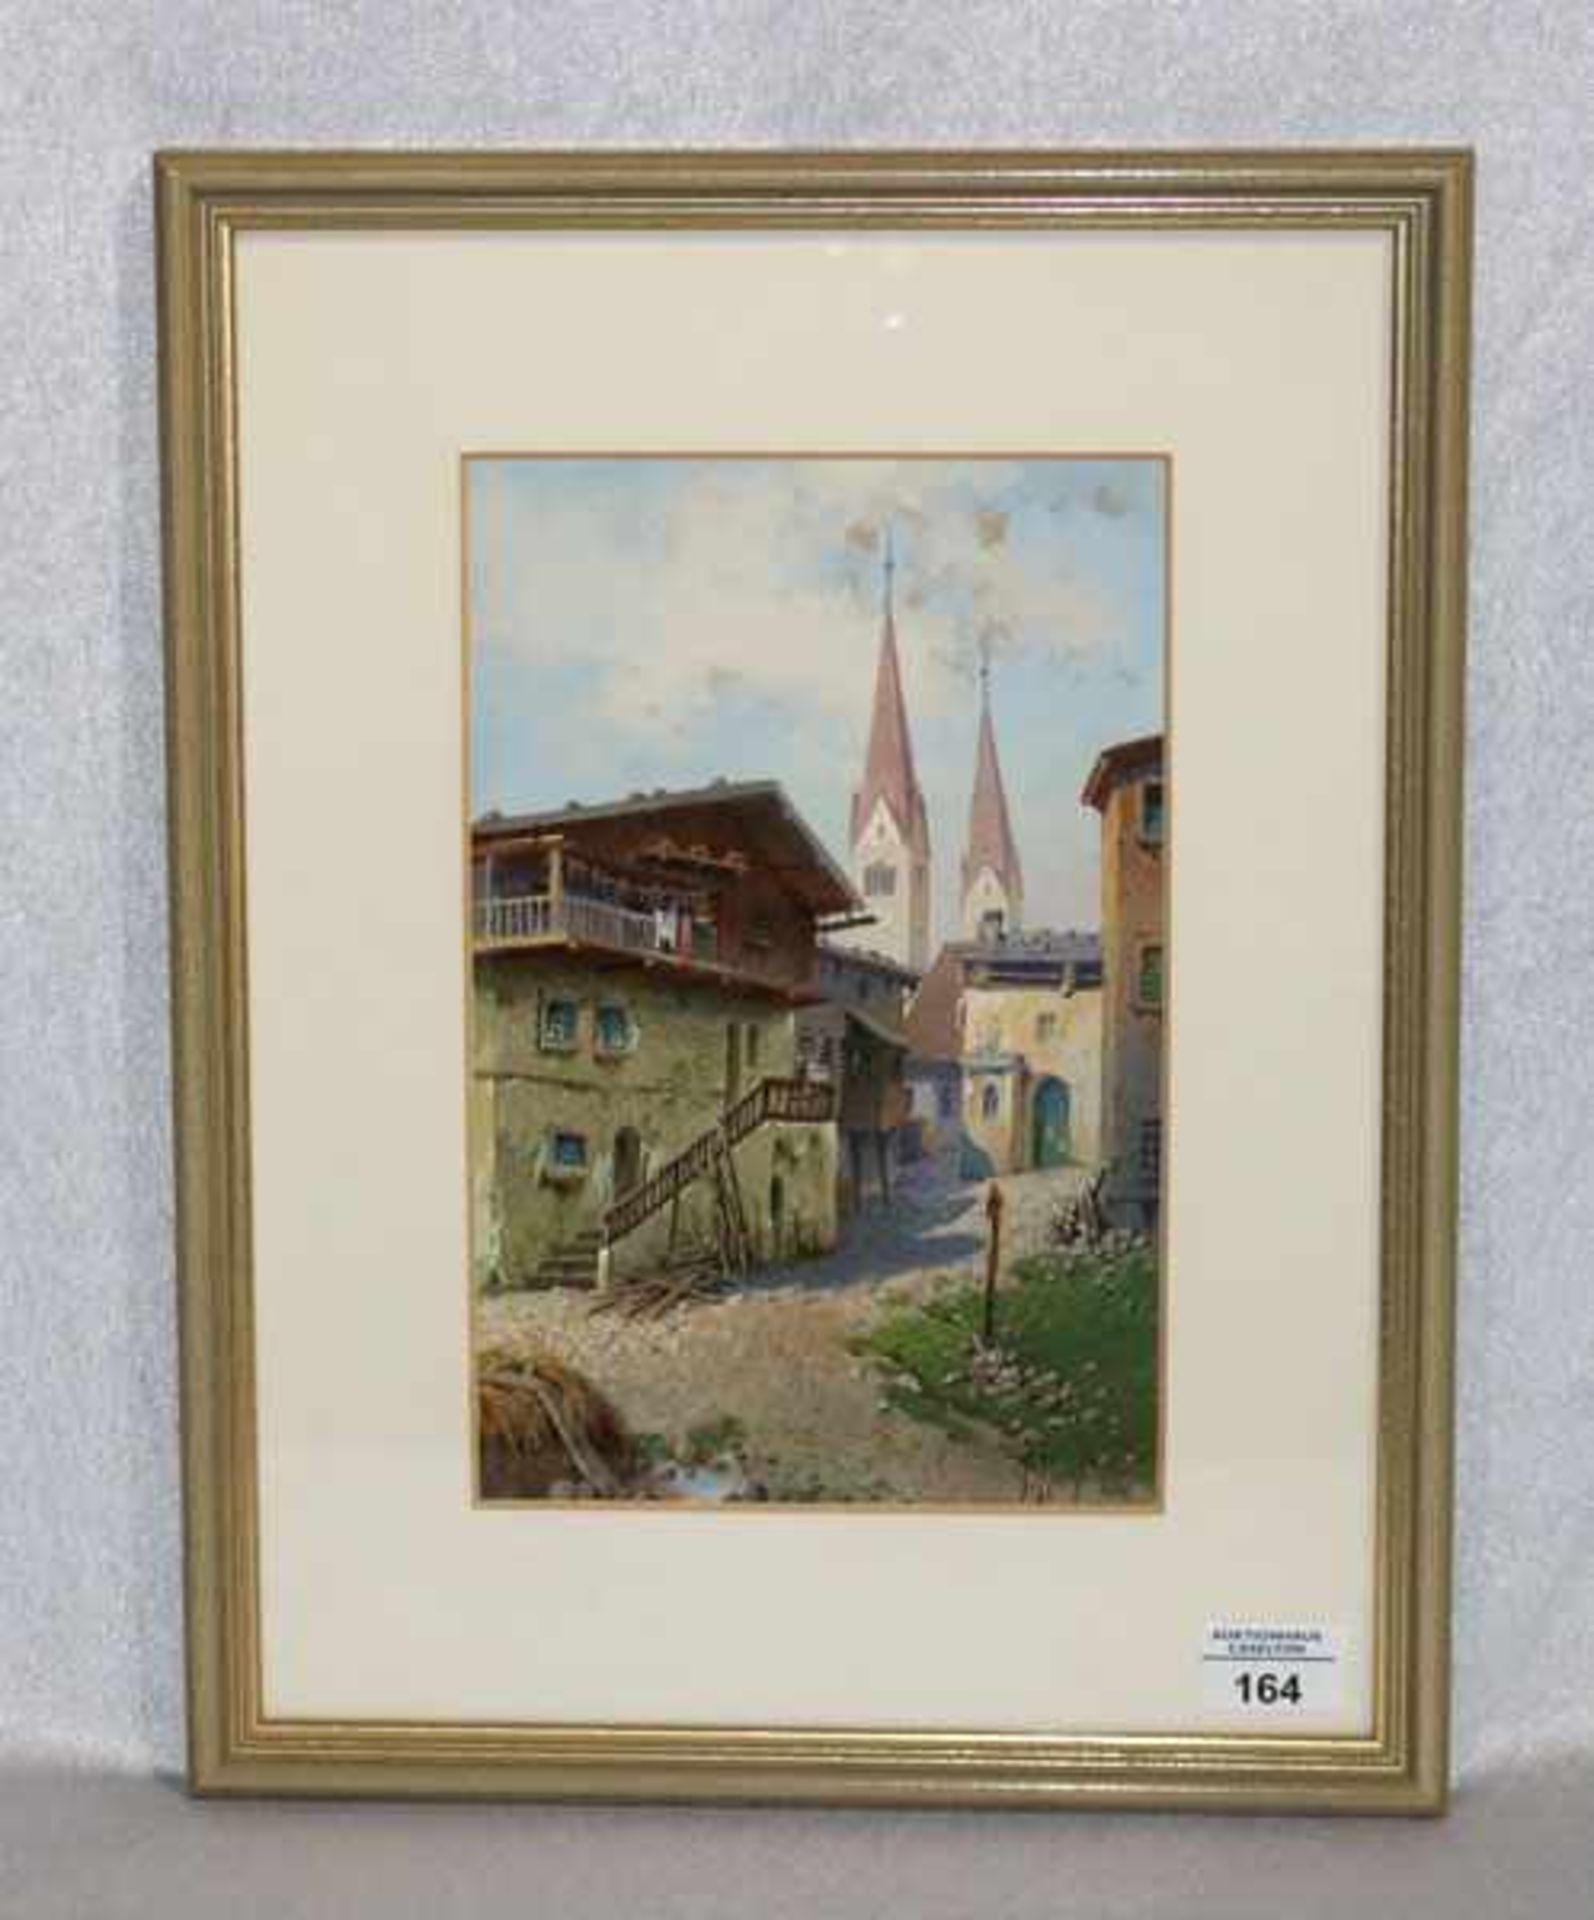 Los 164 - Aquarell 'Dorfansicht', signiert F. Hollfelder, datiert 1940, deutscher Maler, mit Passepartout